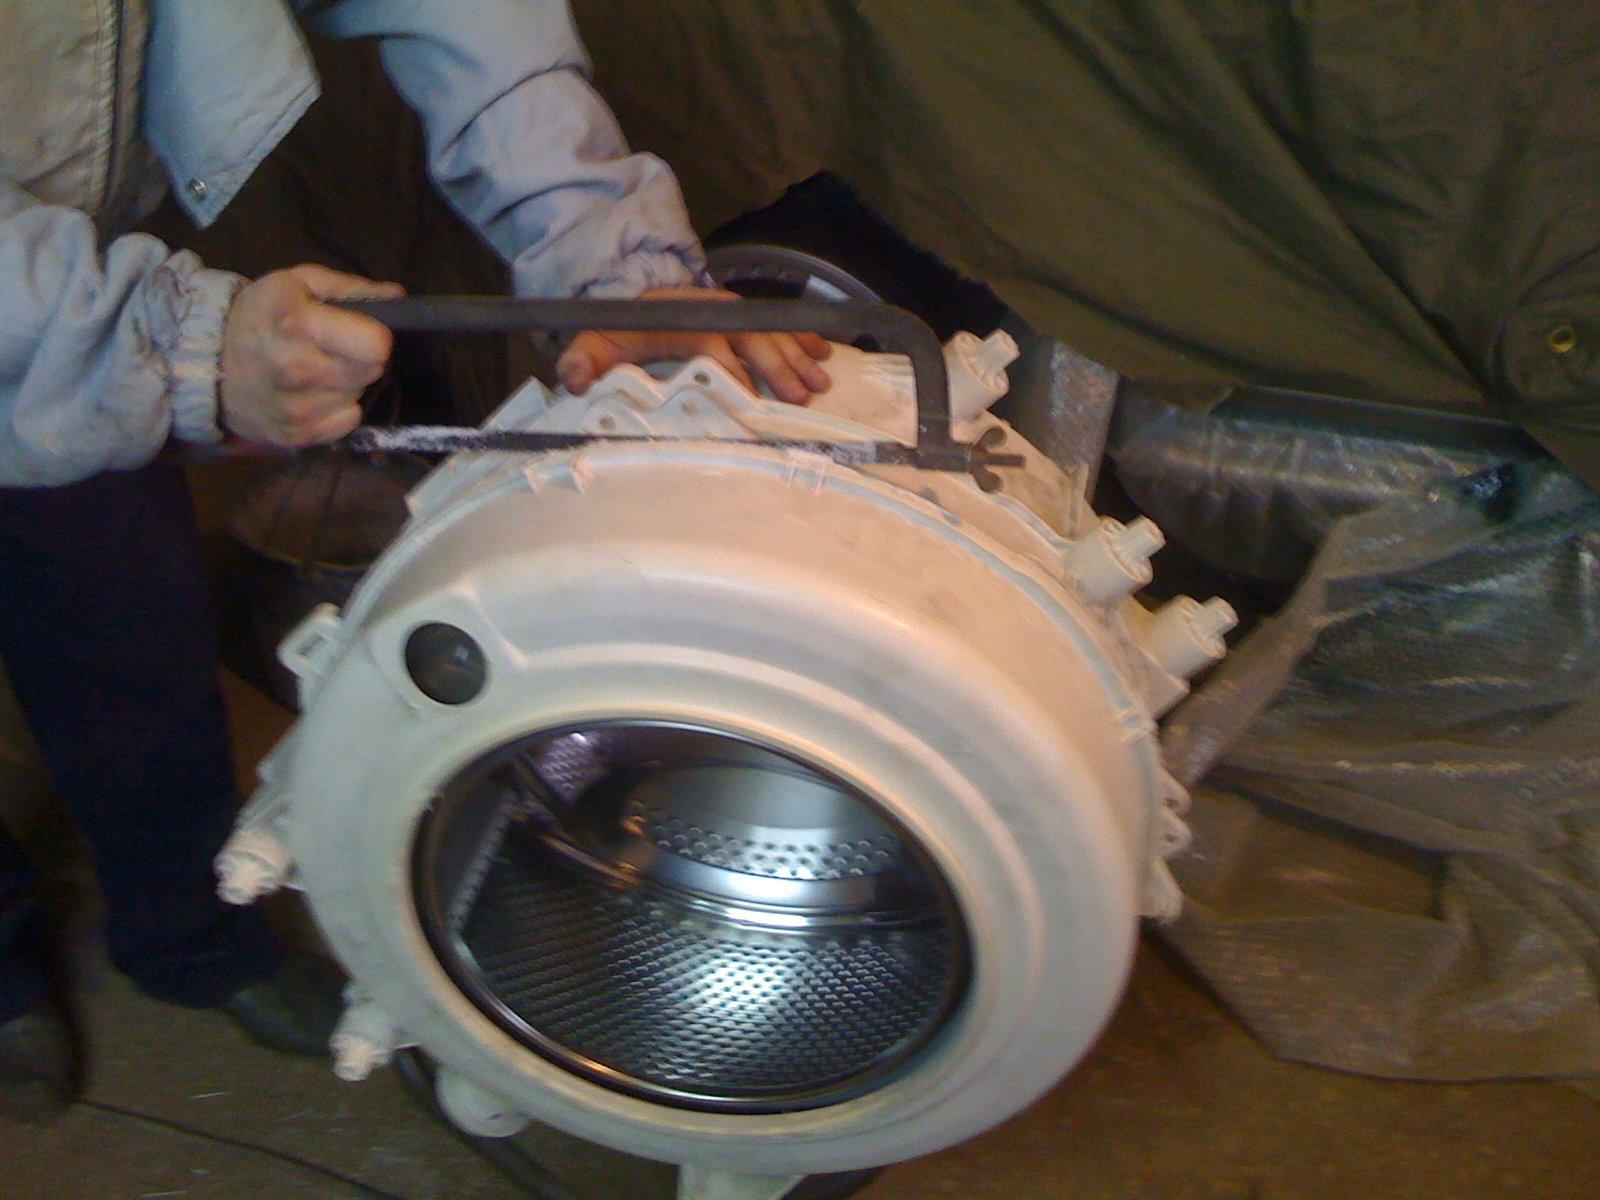 Как отремонтировать стиральную машину индезит своими руками фото 316